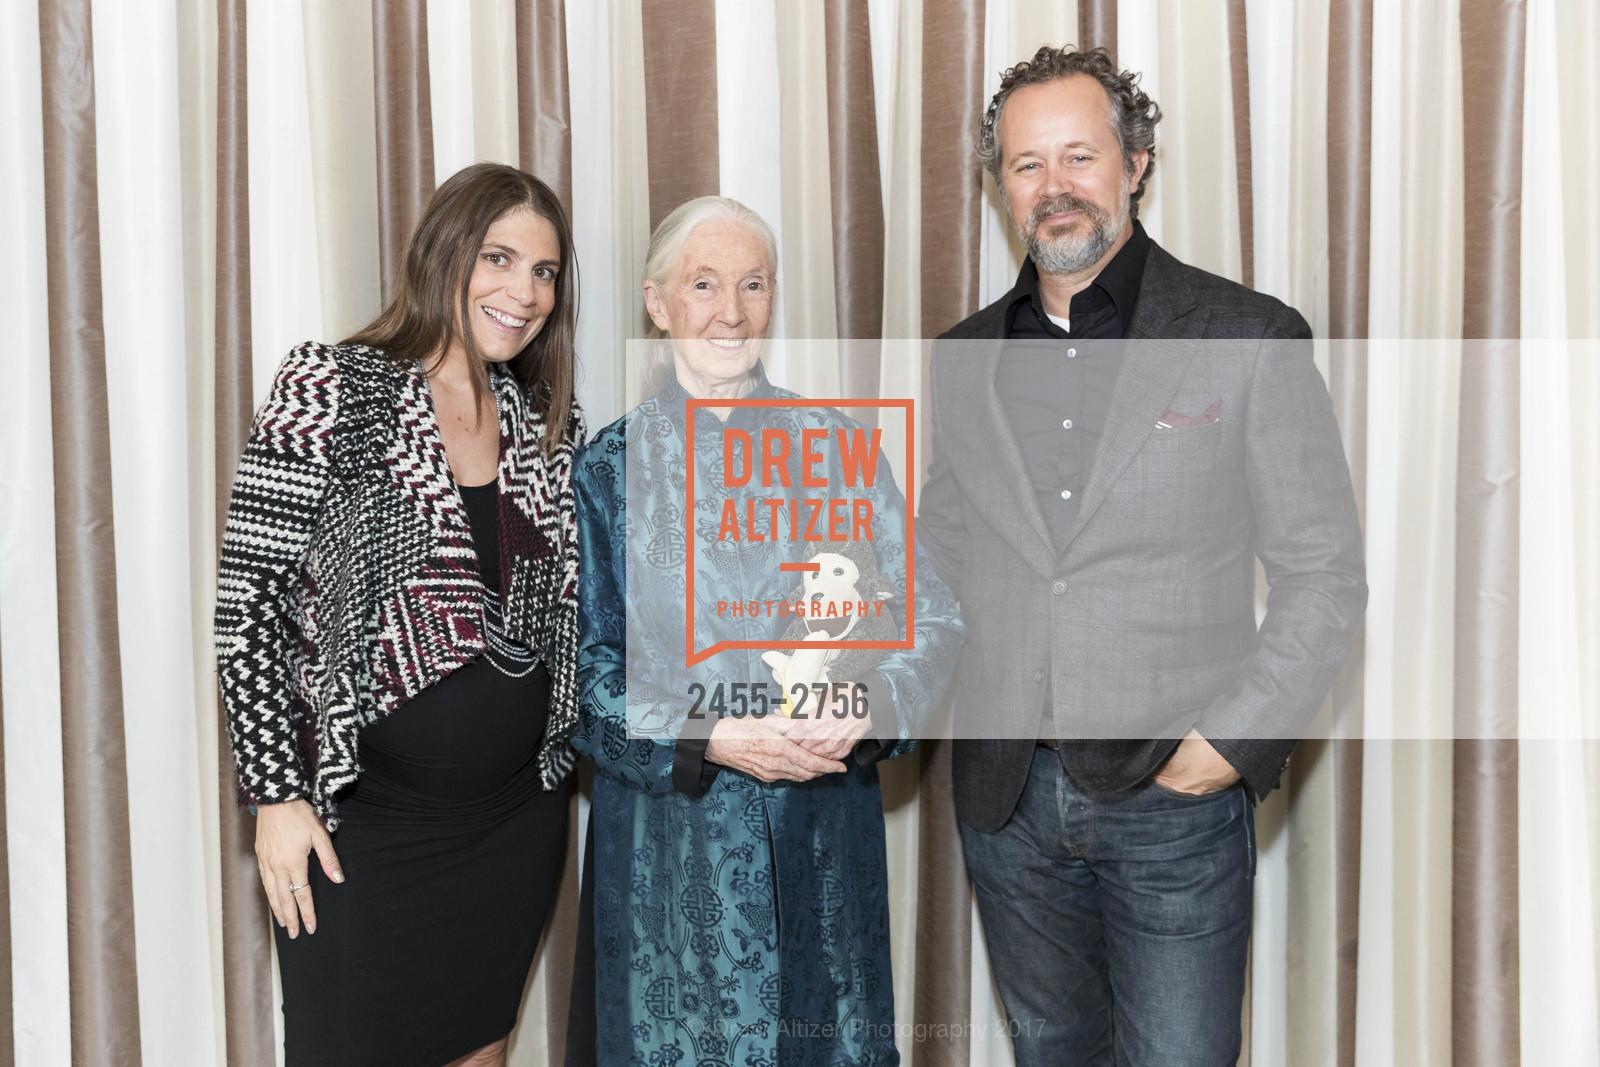 Daniela Tempesta, Jane Goodall, Jeff Wycoff, Photo #2455-2756